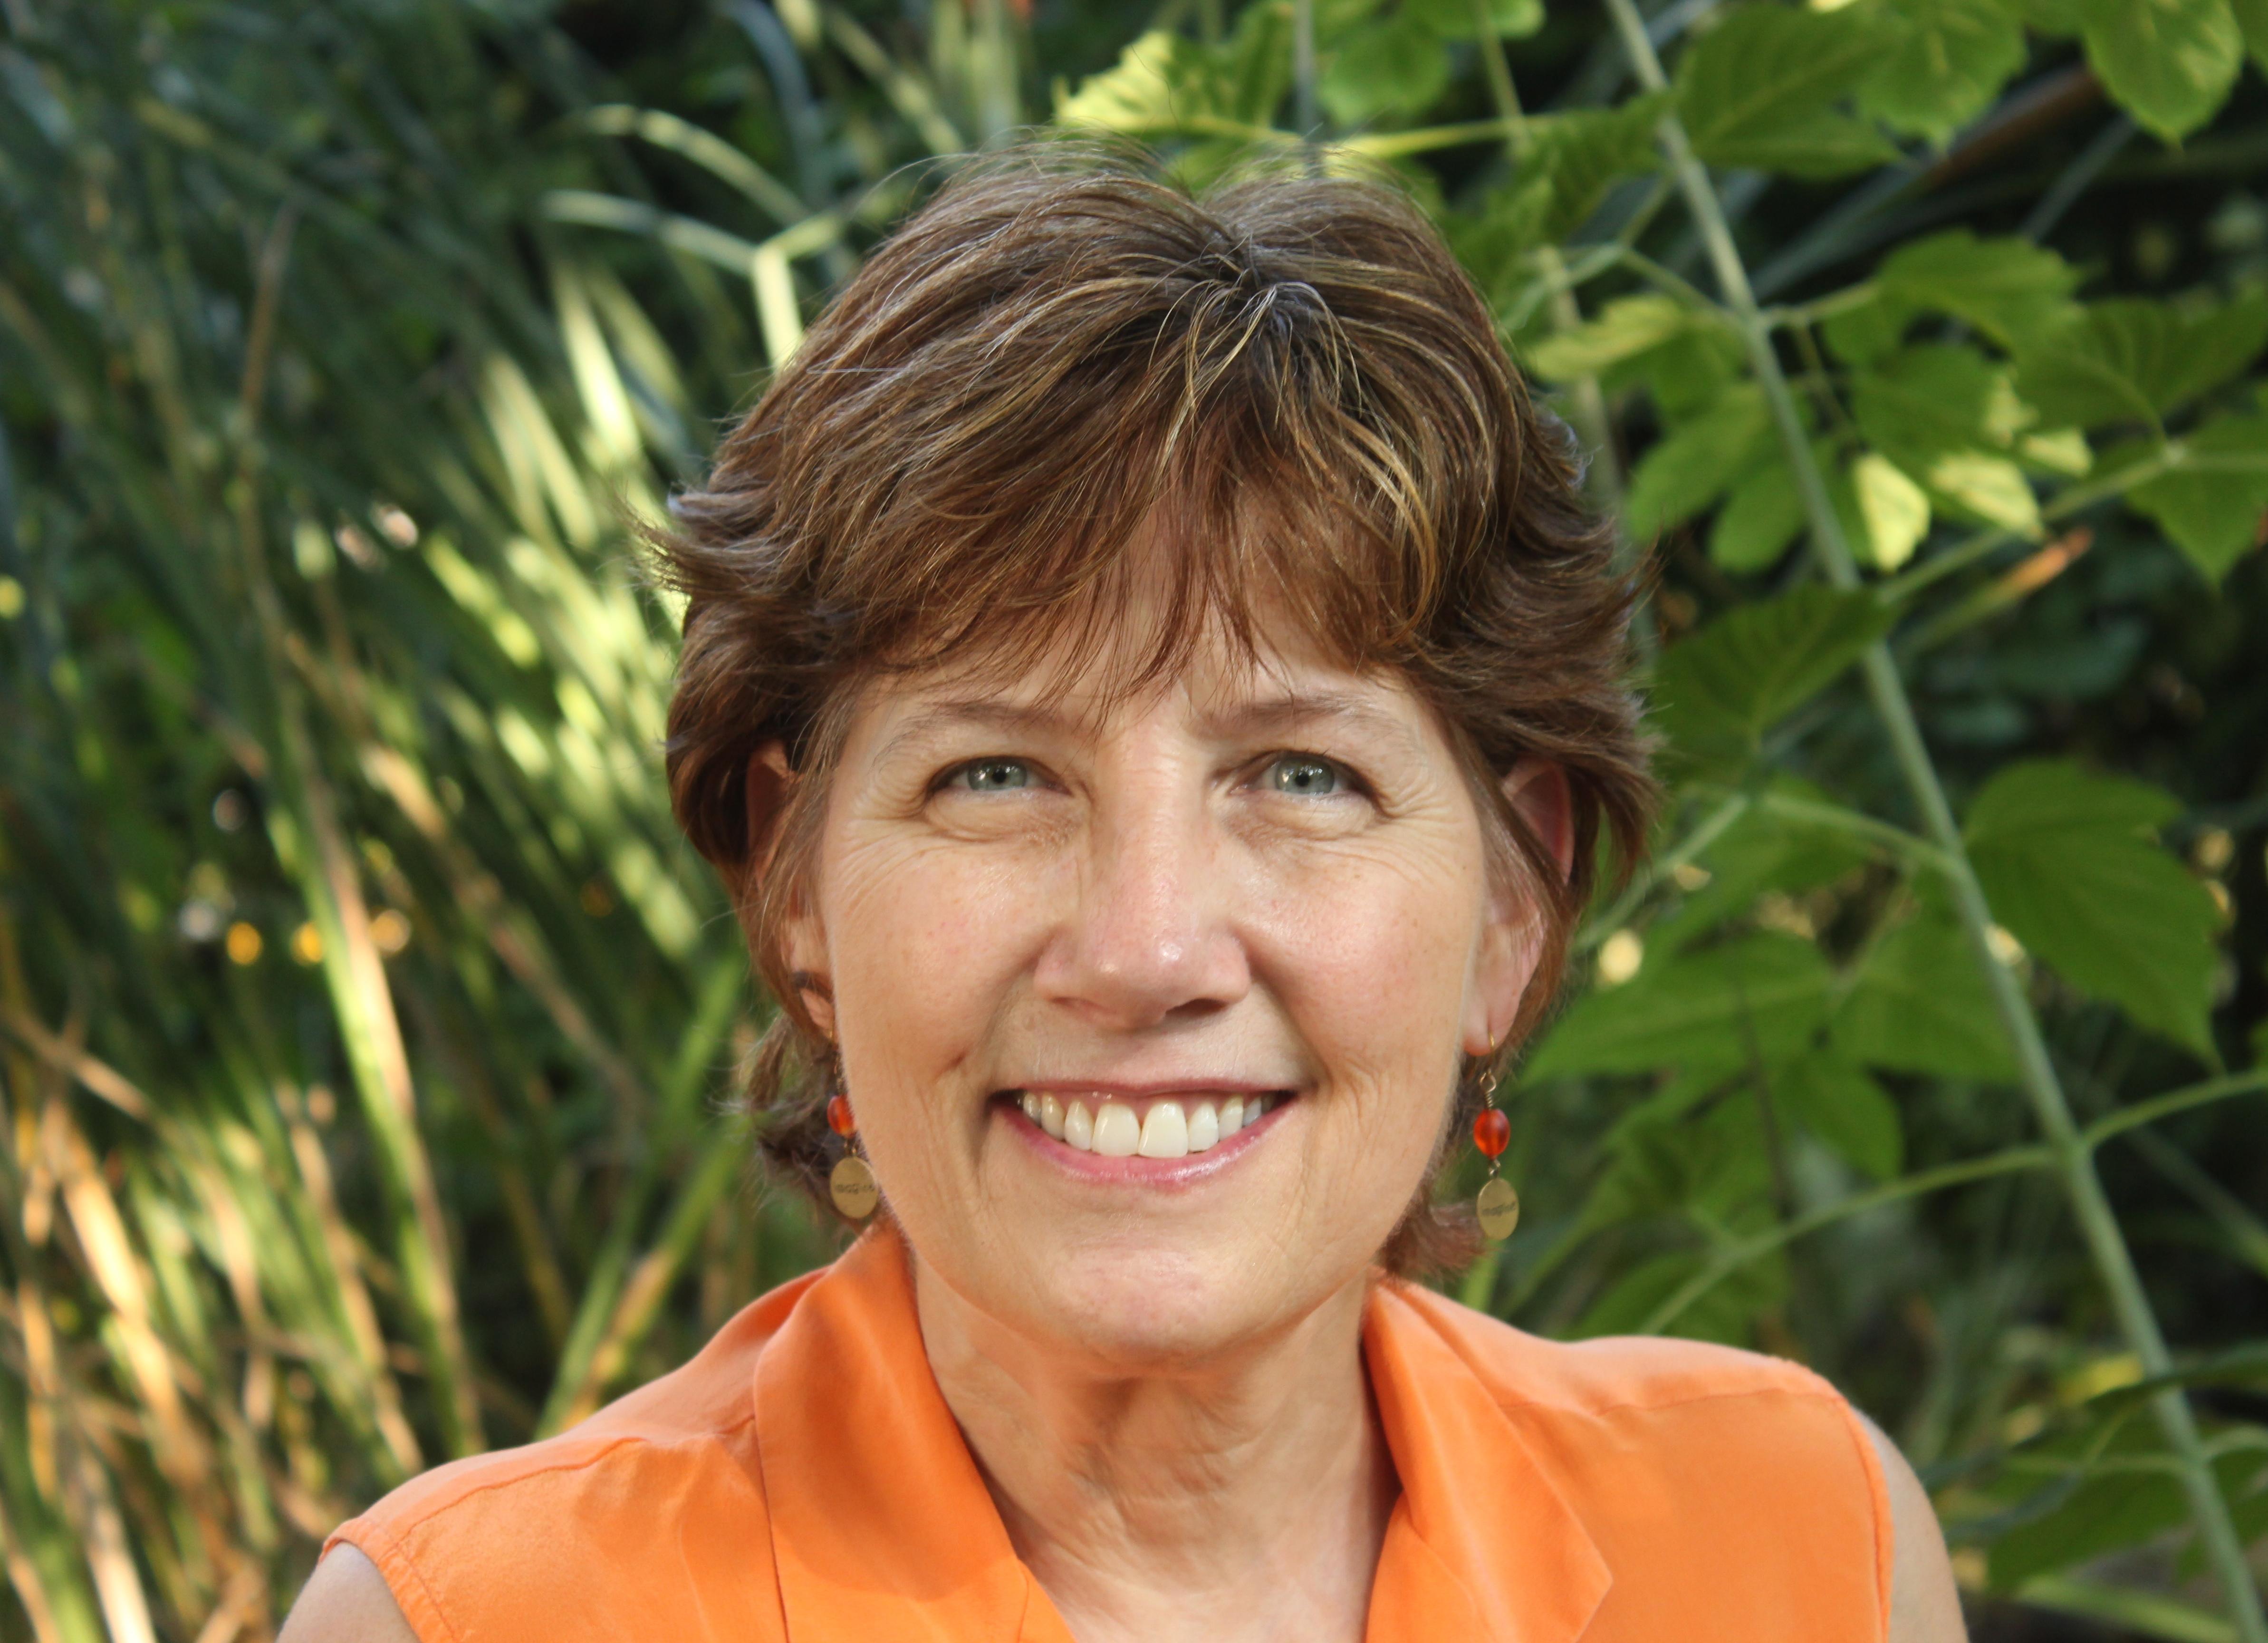 celebrate-picture-books-picture-book-review-Lori Degman Headshot